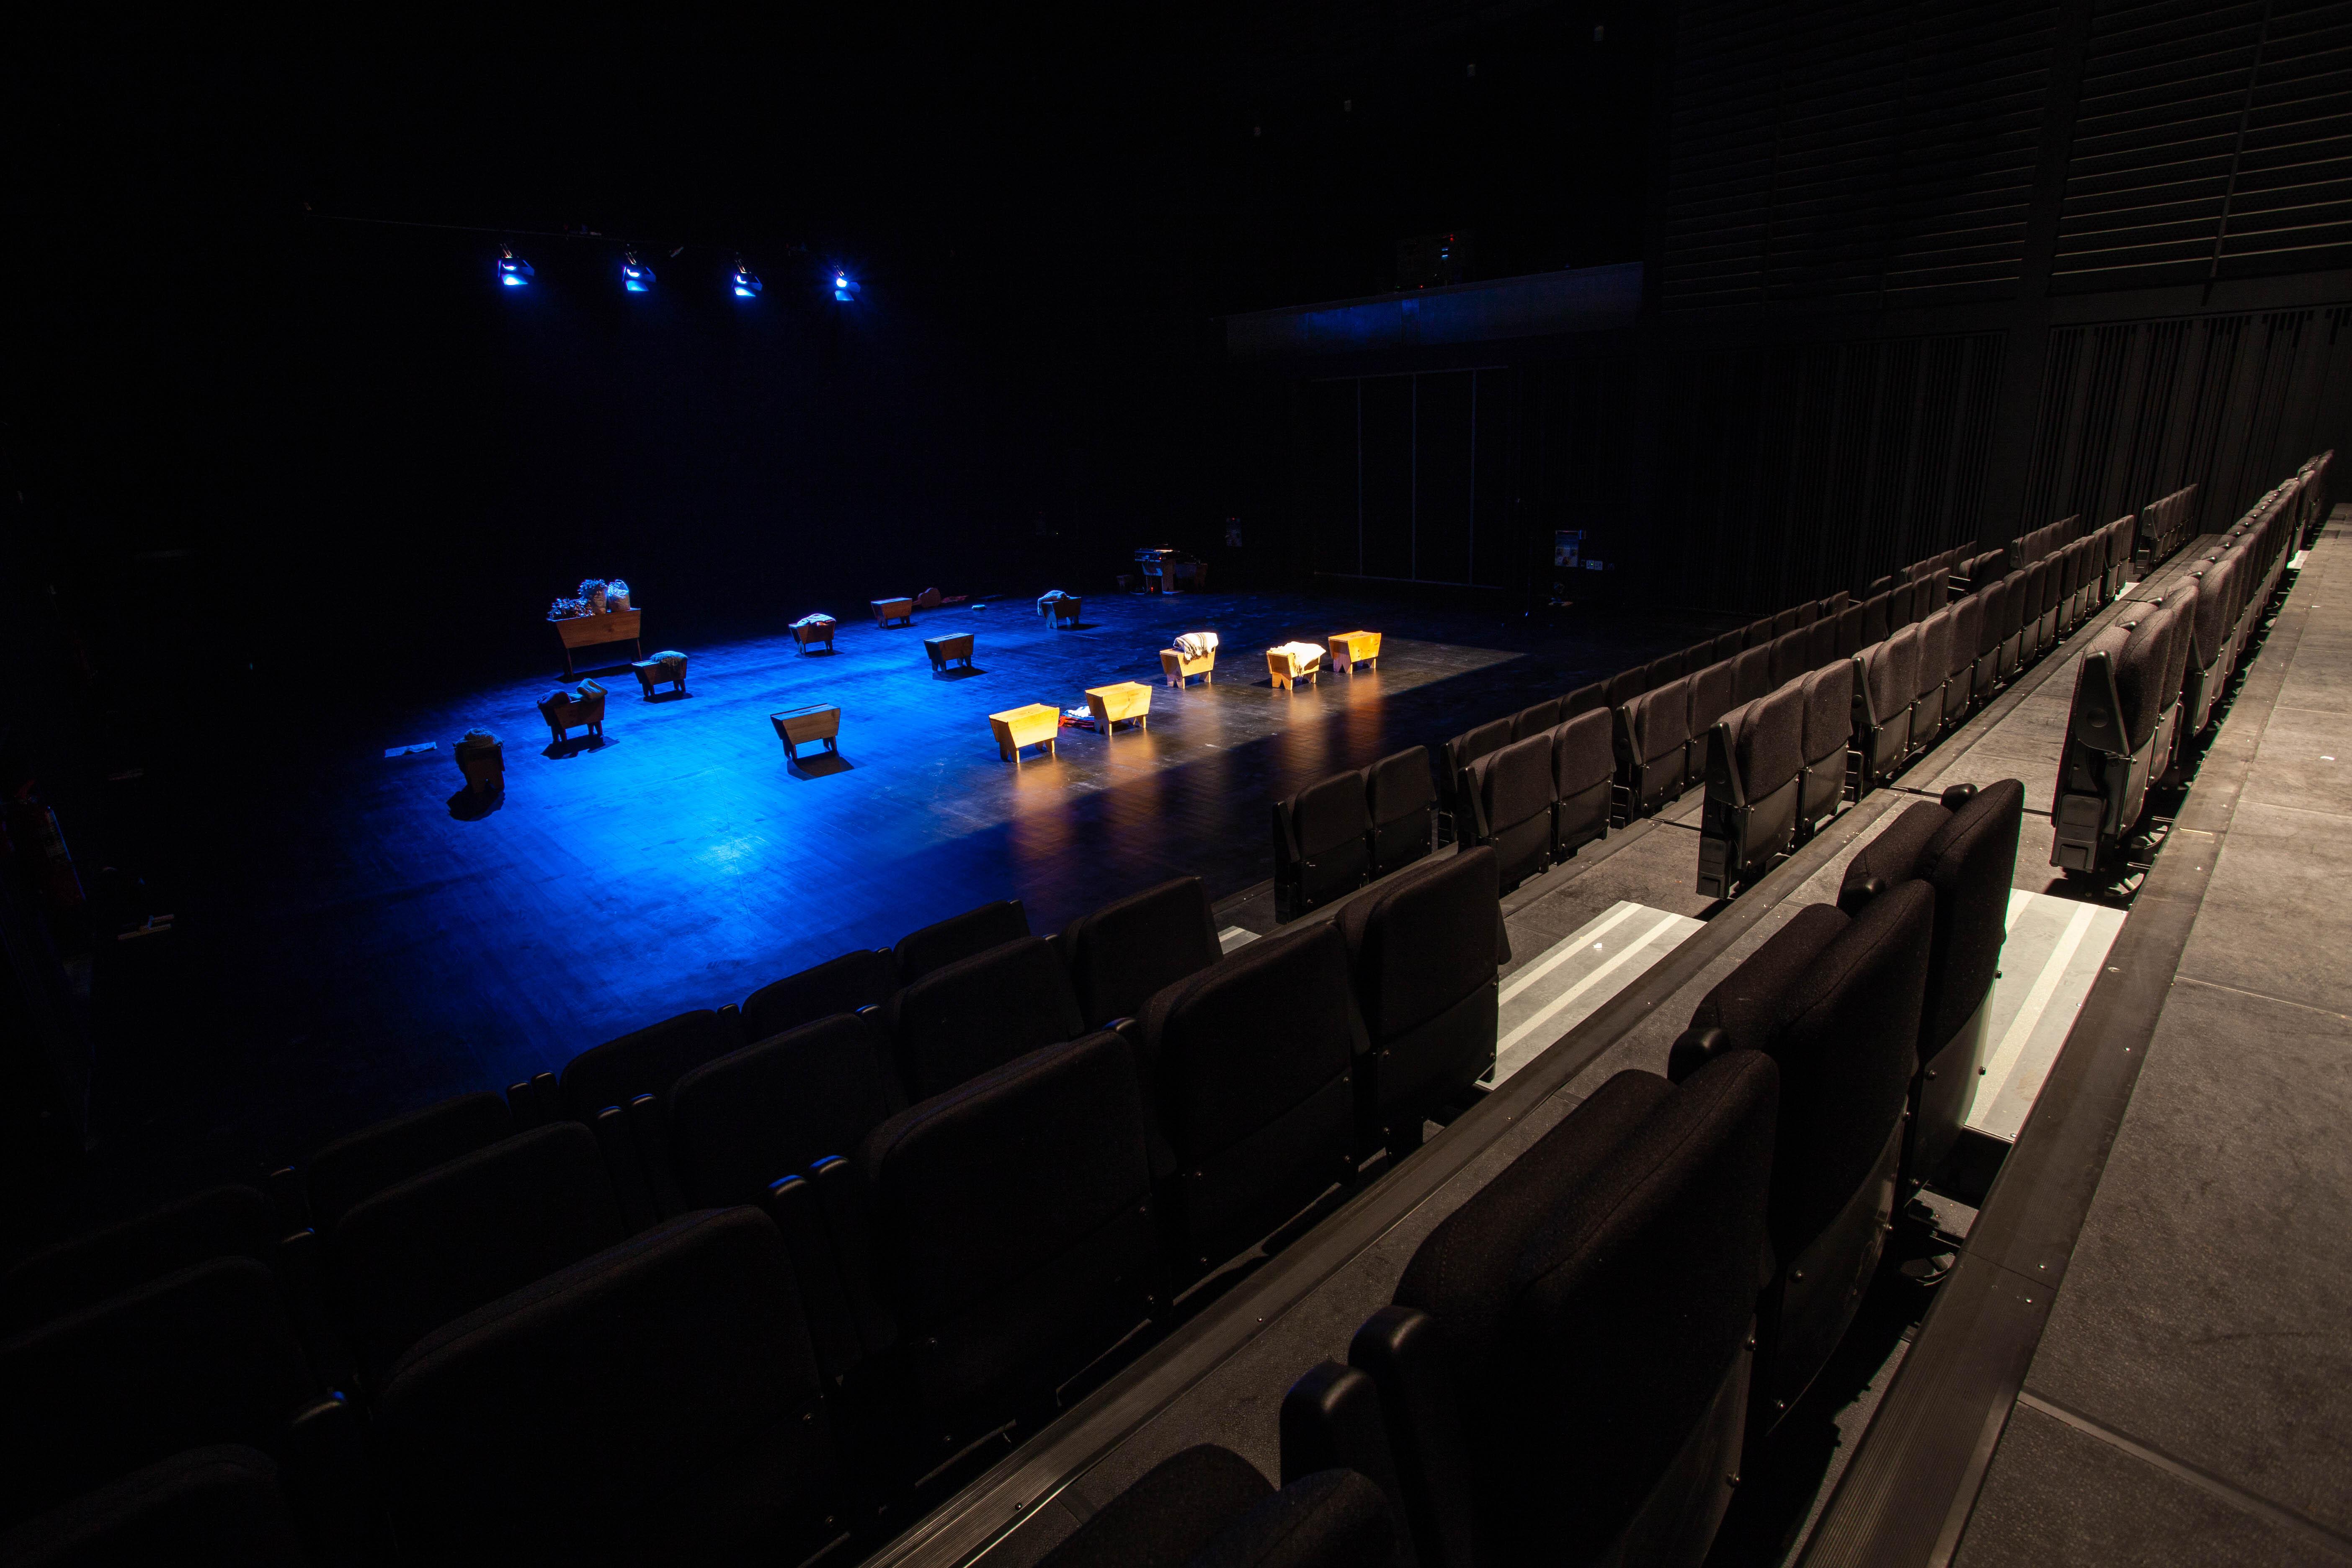 teatro-regional-bio-bio-smiljan-radic-7